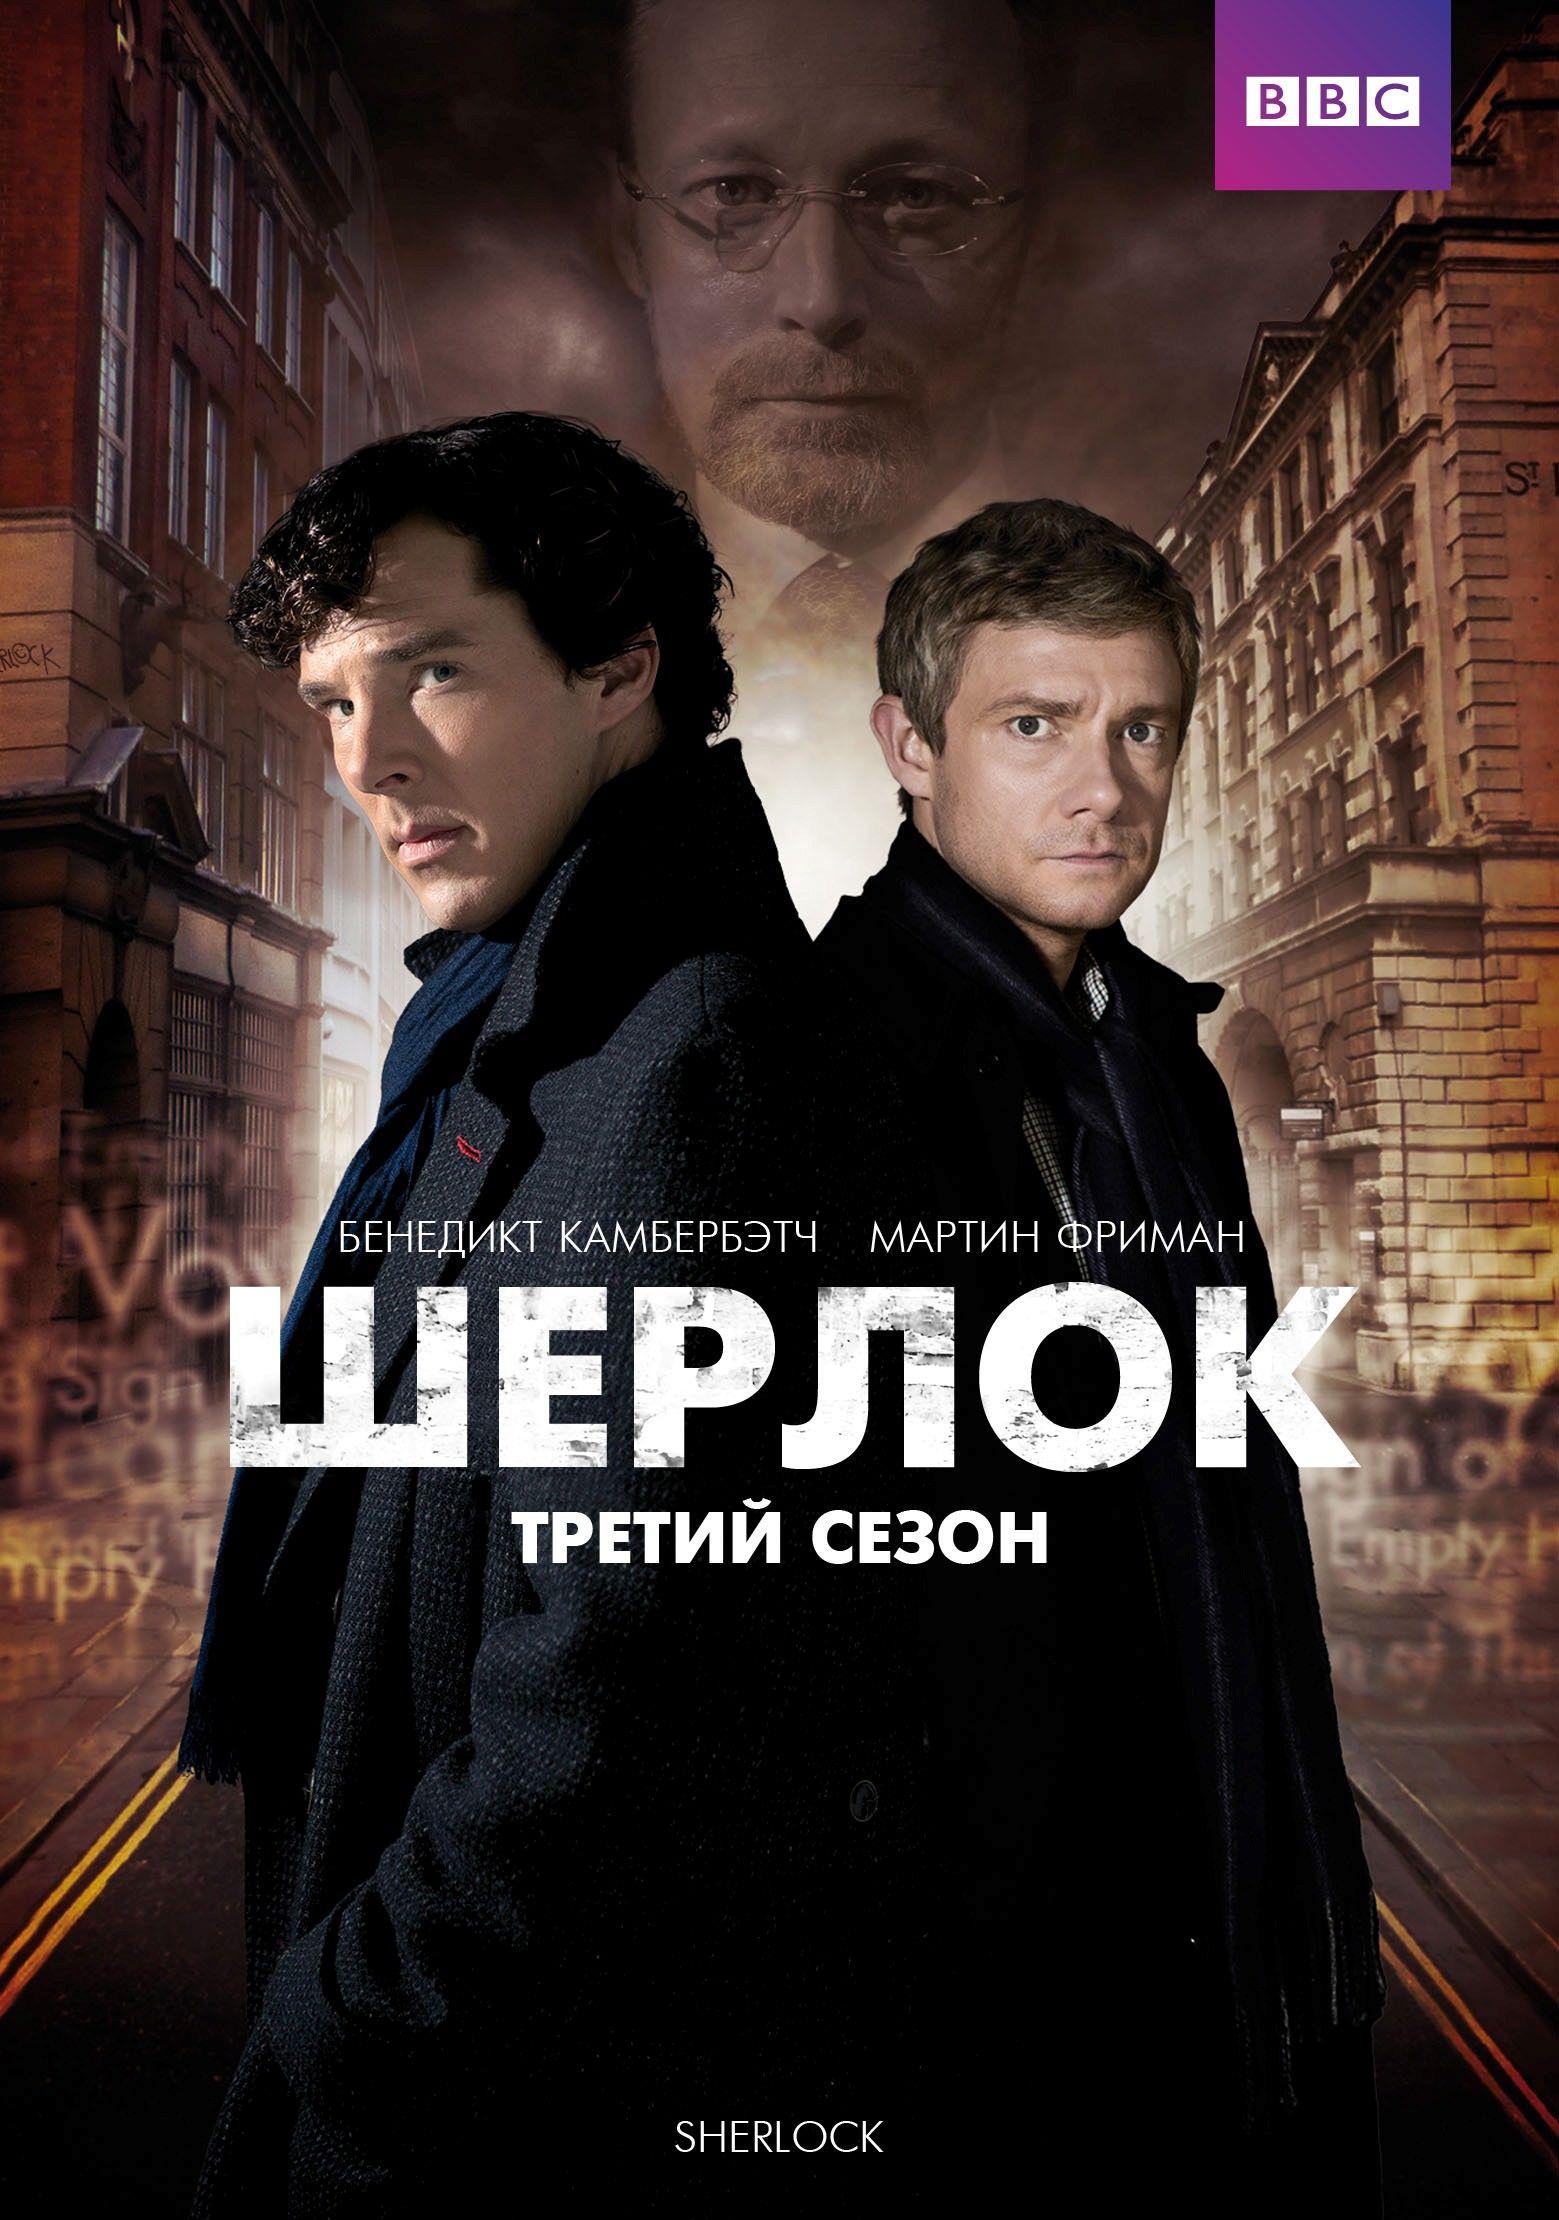 Шерлок холмс (2013) | сериал в hd | 7-8 серия youtube.